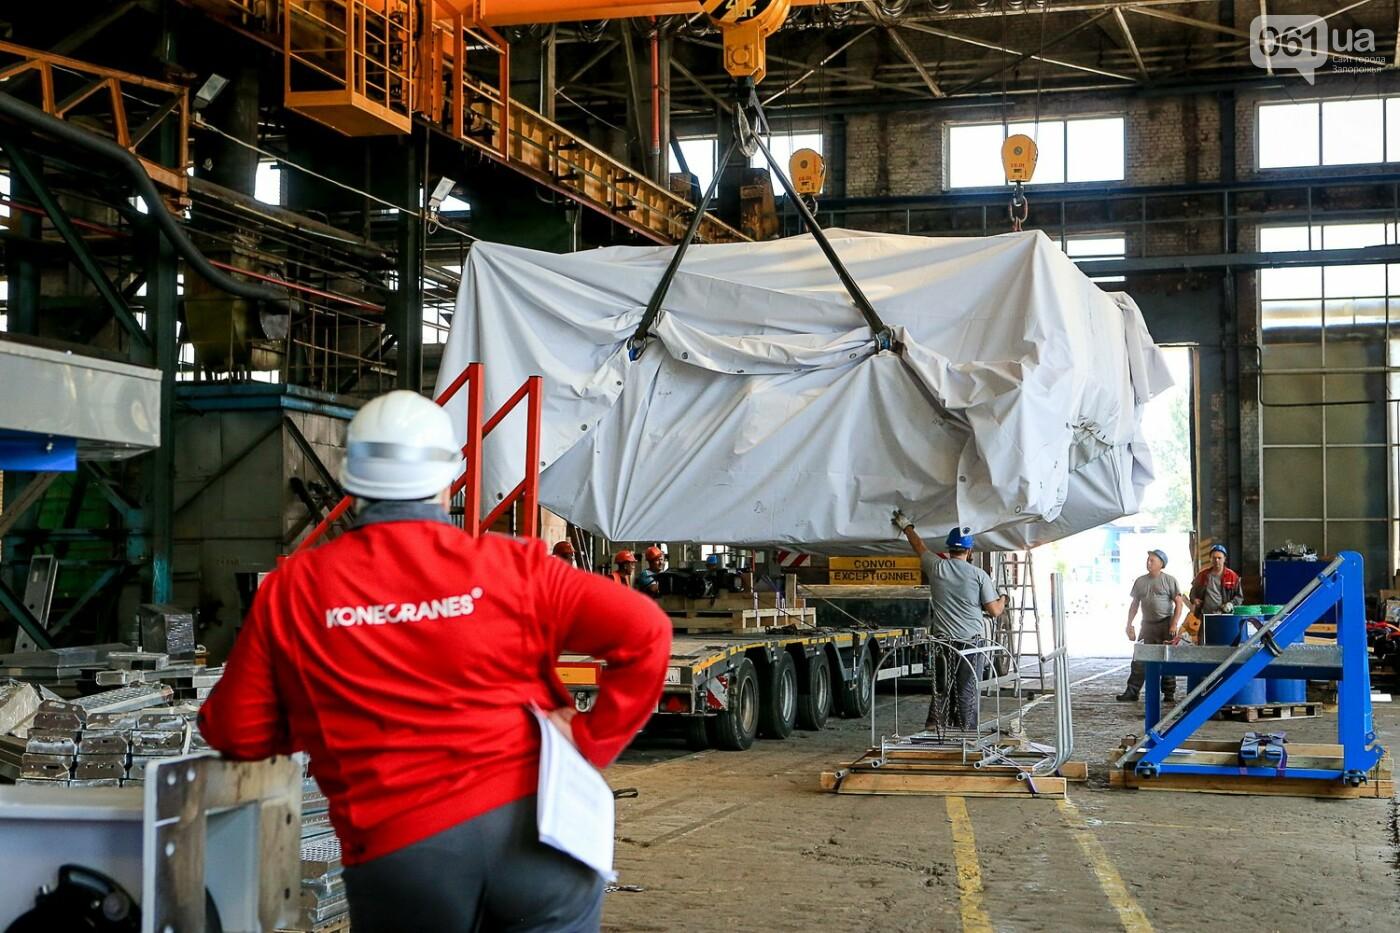 Как в Запорожье работает крупнейший в Европе завод по производству кранов: экскурсия на производство, — ФОТОРЕПОРТАЖ, фото-62